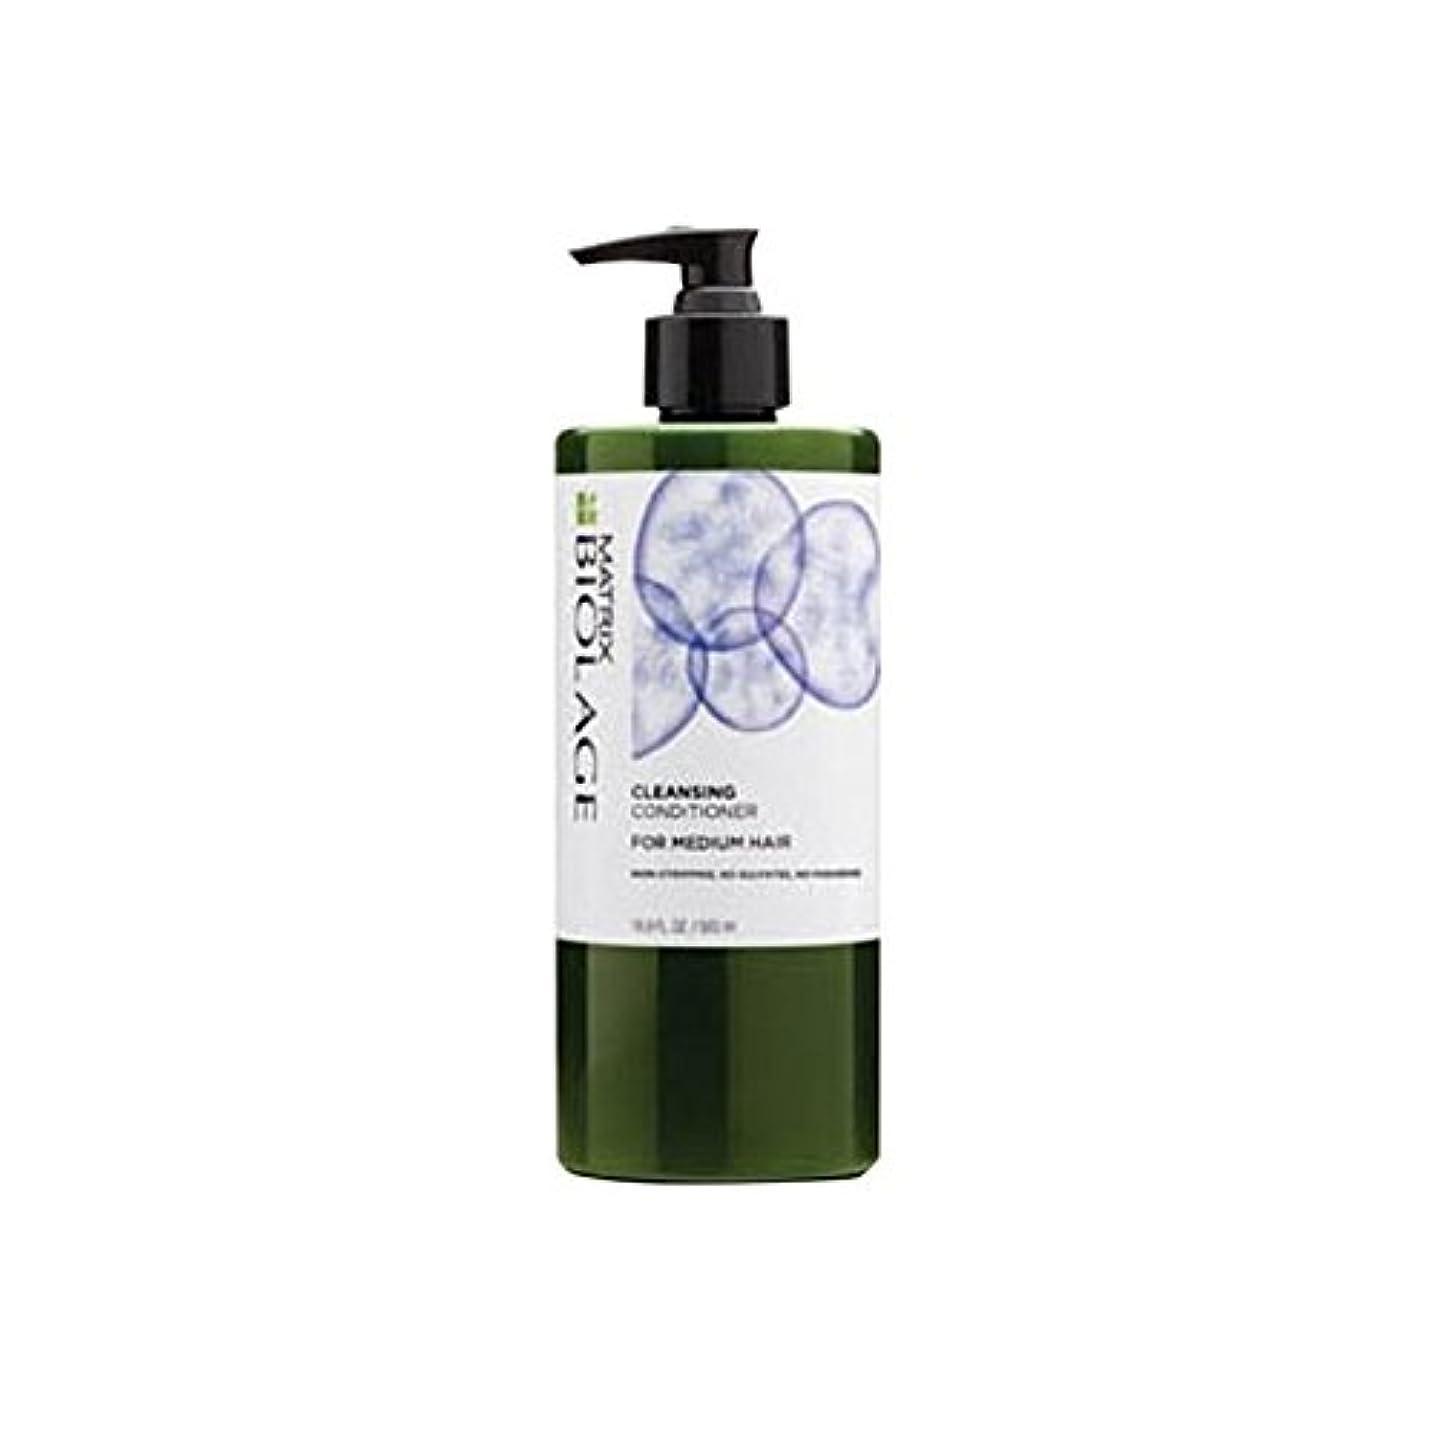 値するラジウム振る舞いマトリックスバイオレイジクレンジングコンディショナー - メディア髪(500ミリリットル) x2 - Matrix Biolage Cleansing Conditioner - Medium Hair (500ml)...